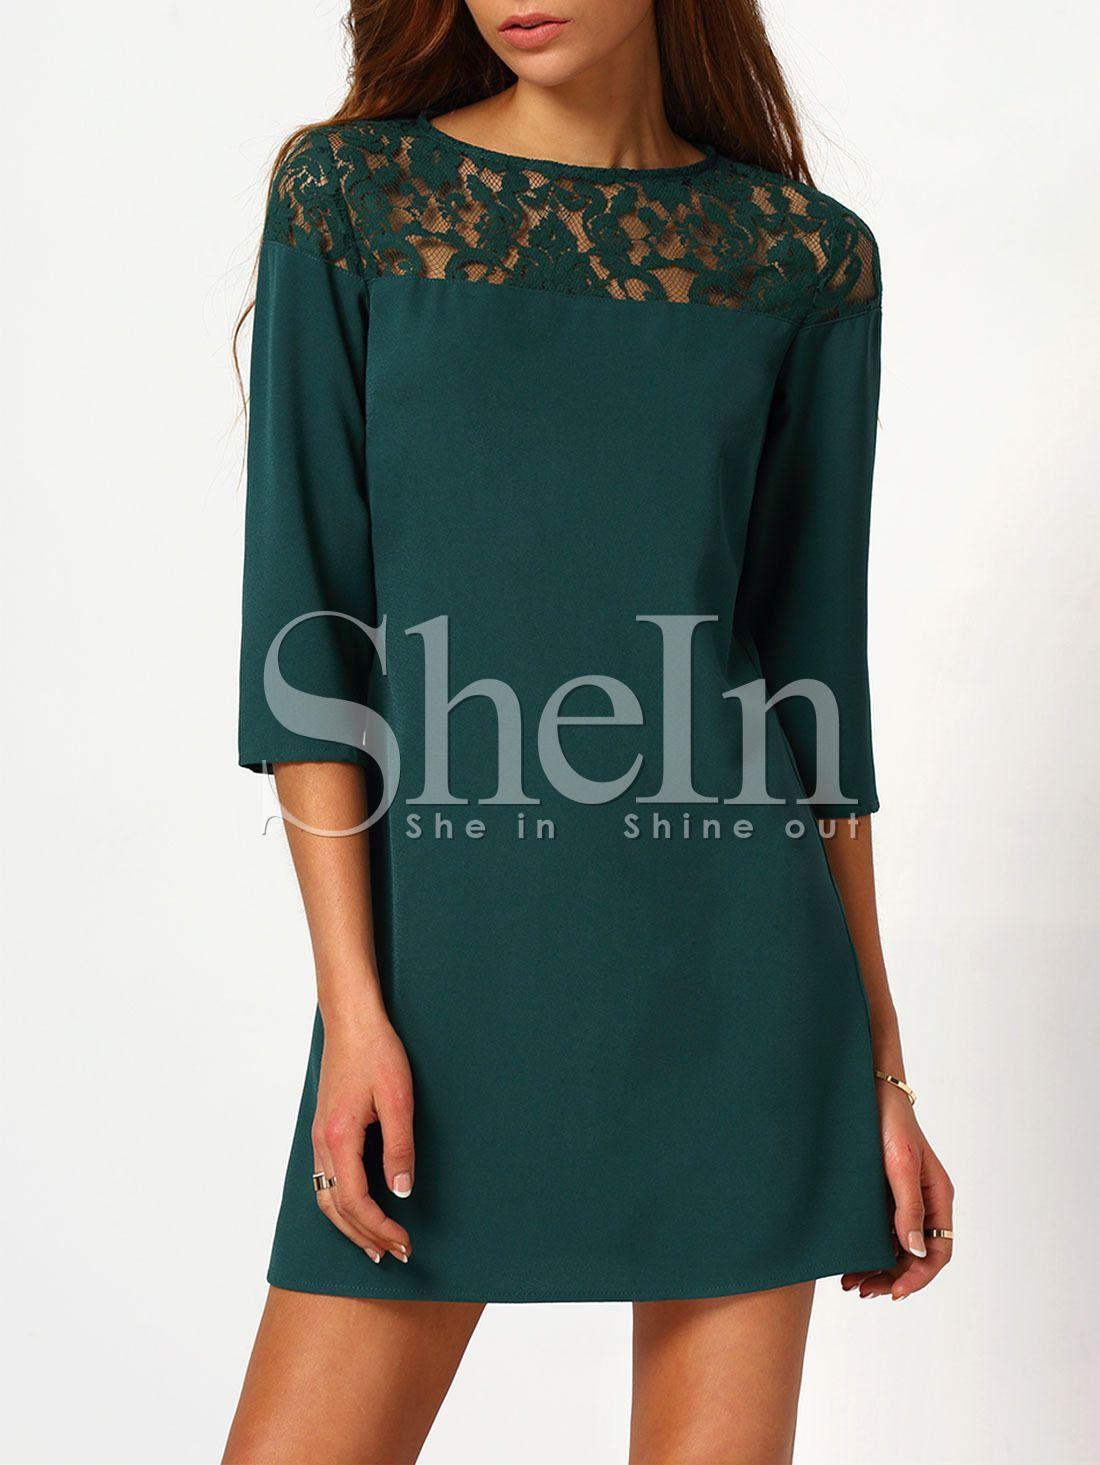 4a477c032a9c SheIn offre Vestito contrasto pizzo girocollo - verde scuro   di più per  soddisfare le vostre esigenze di moda.